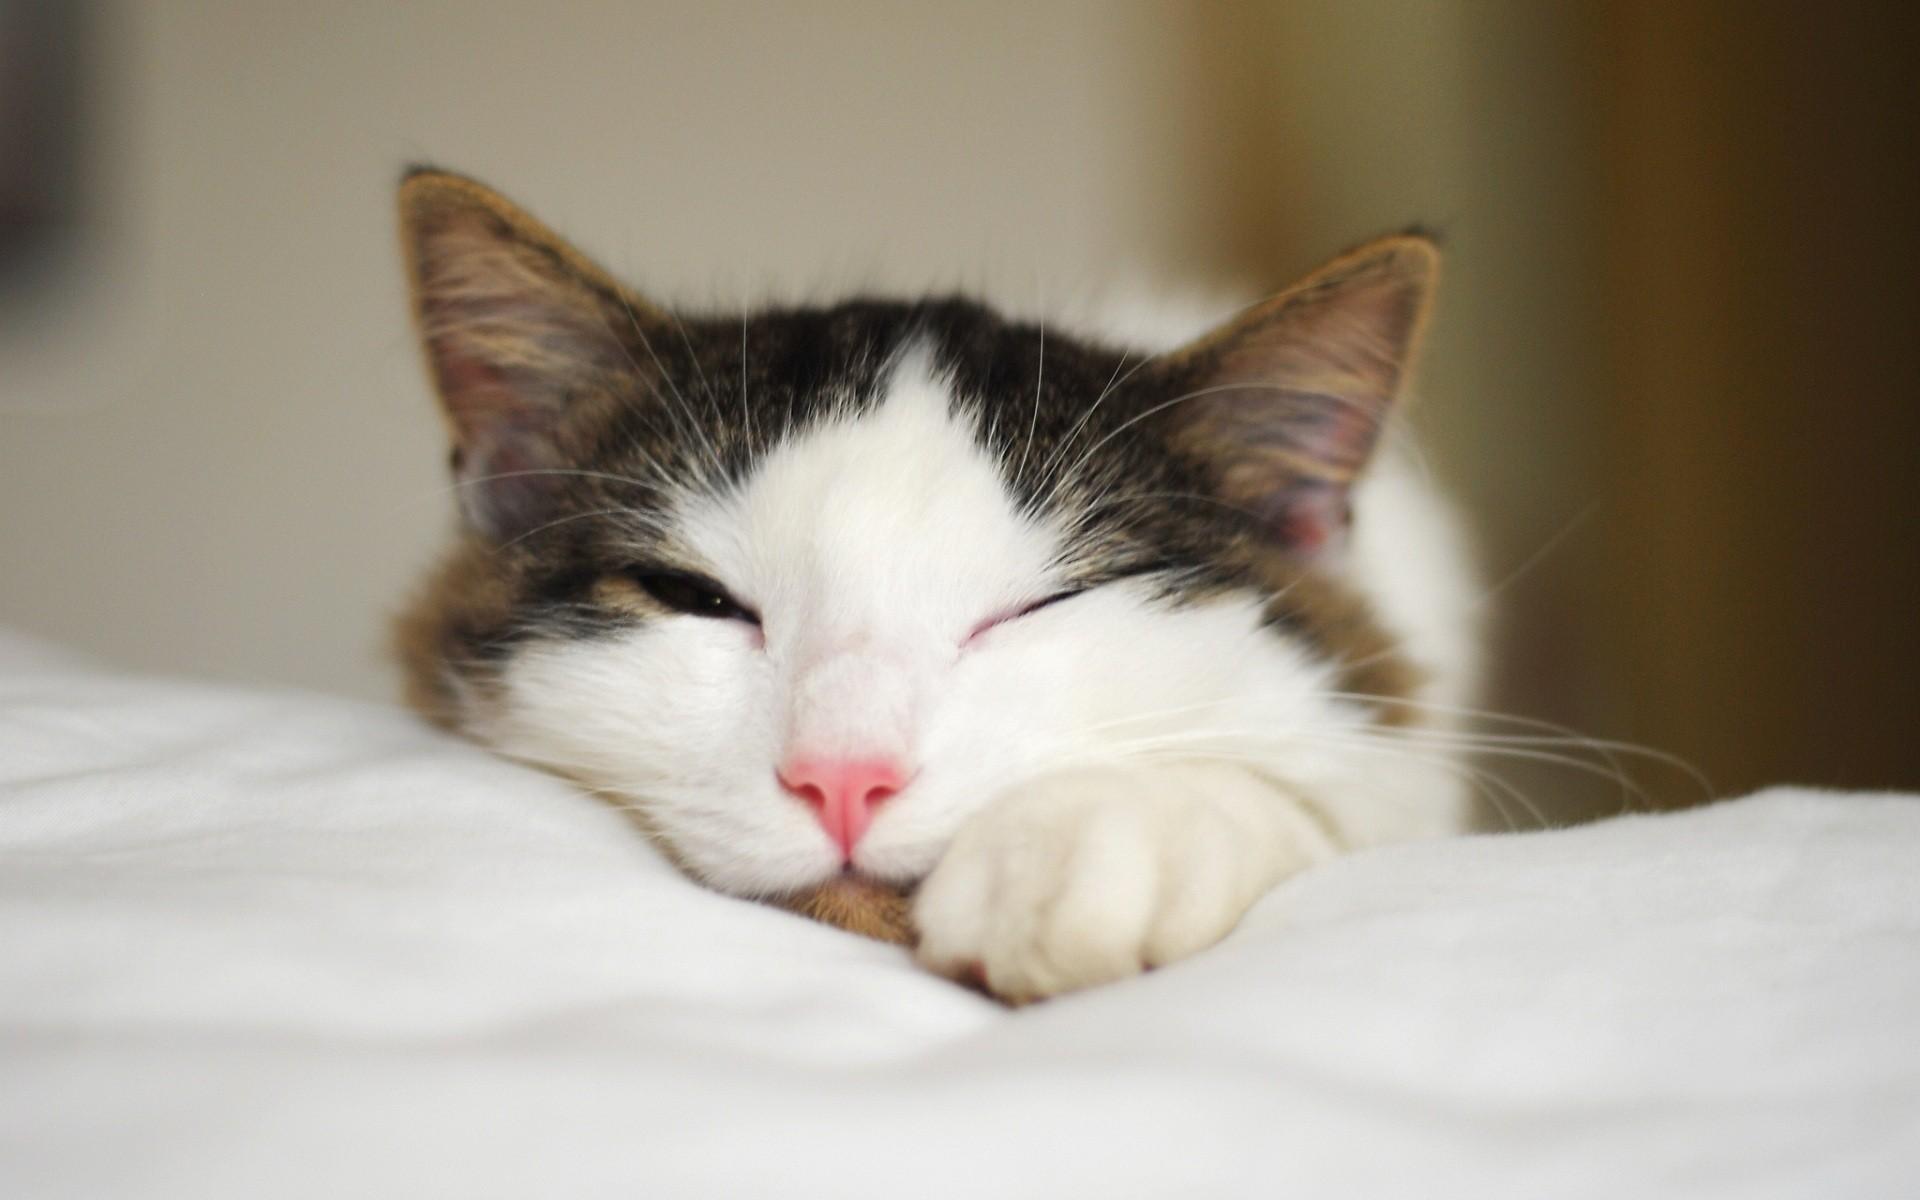 Fotografia de gatos - 1920x1200